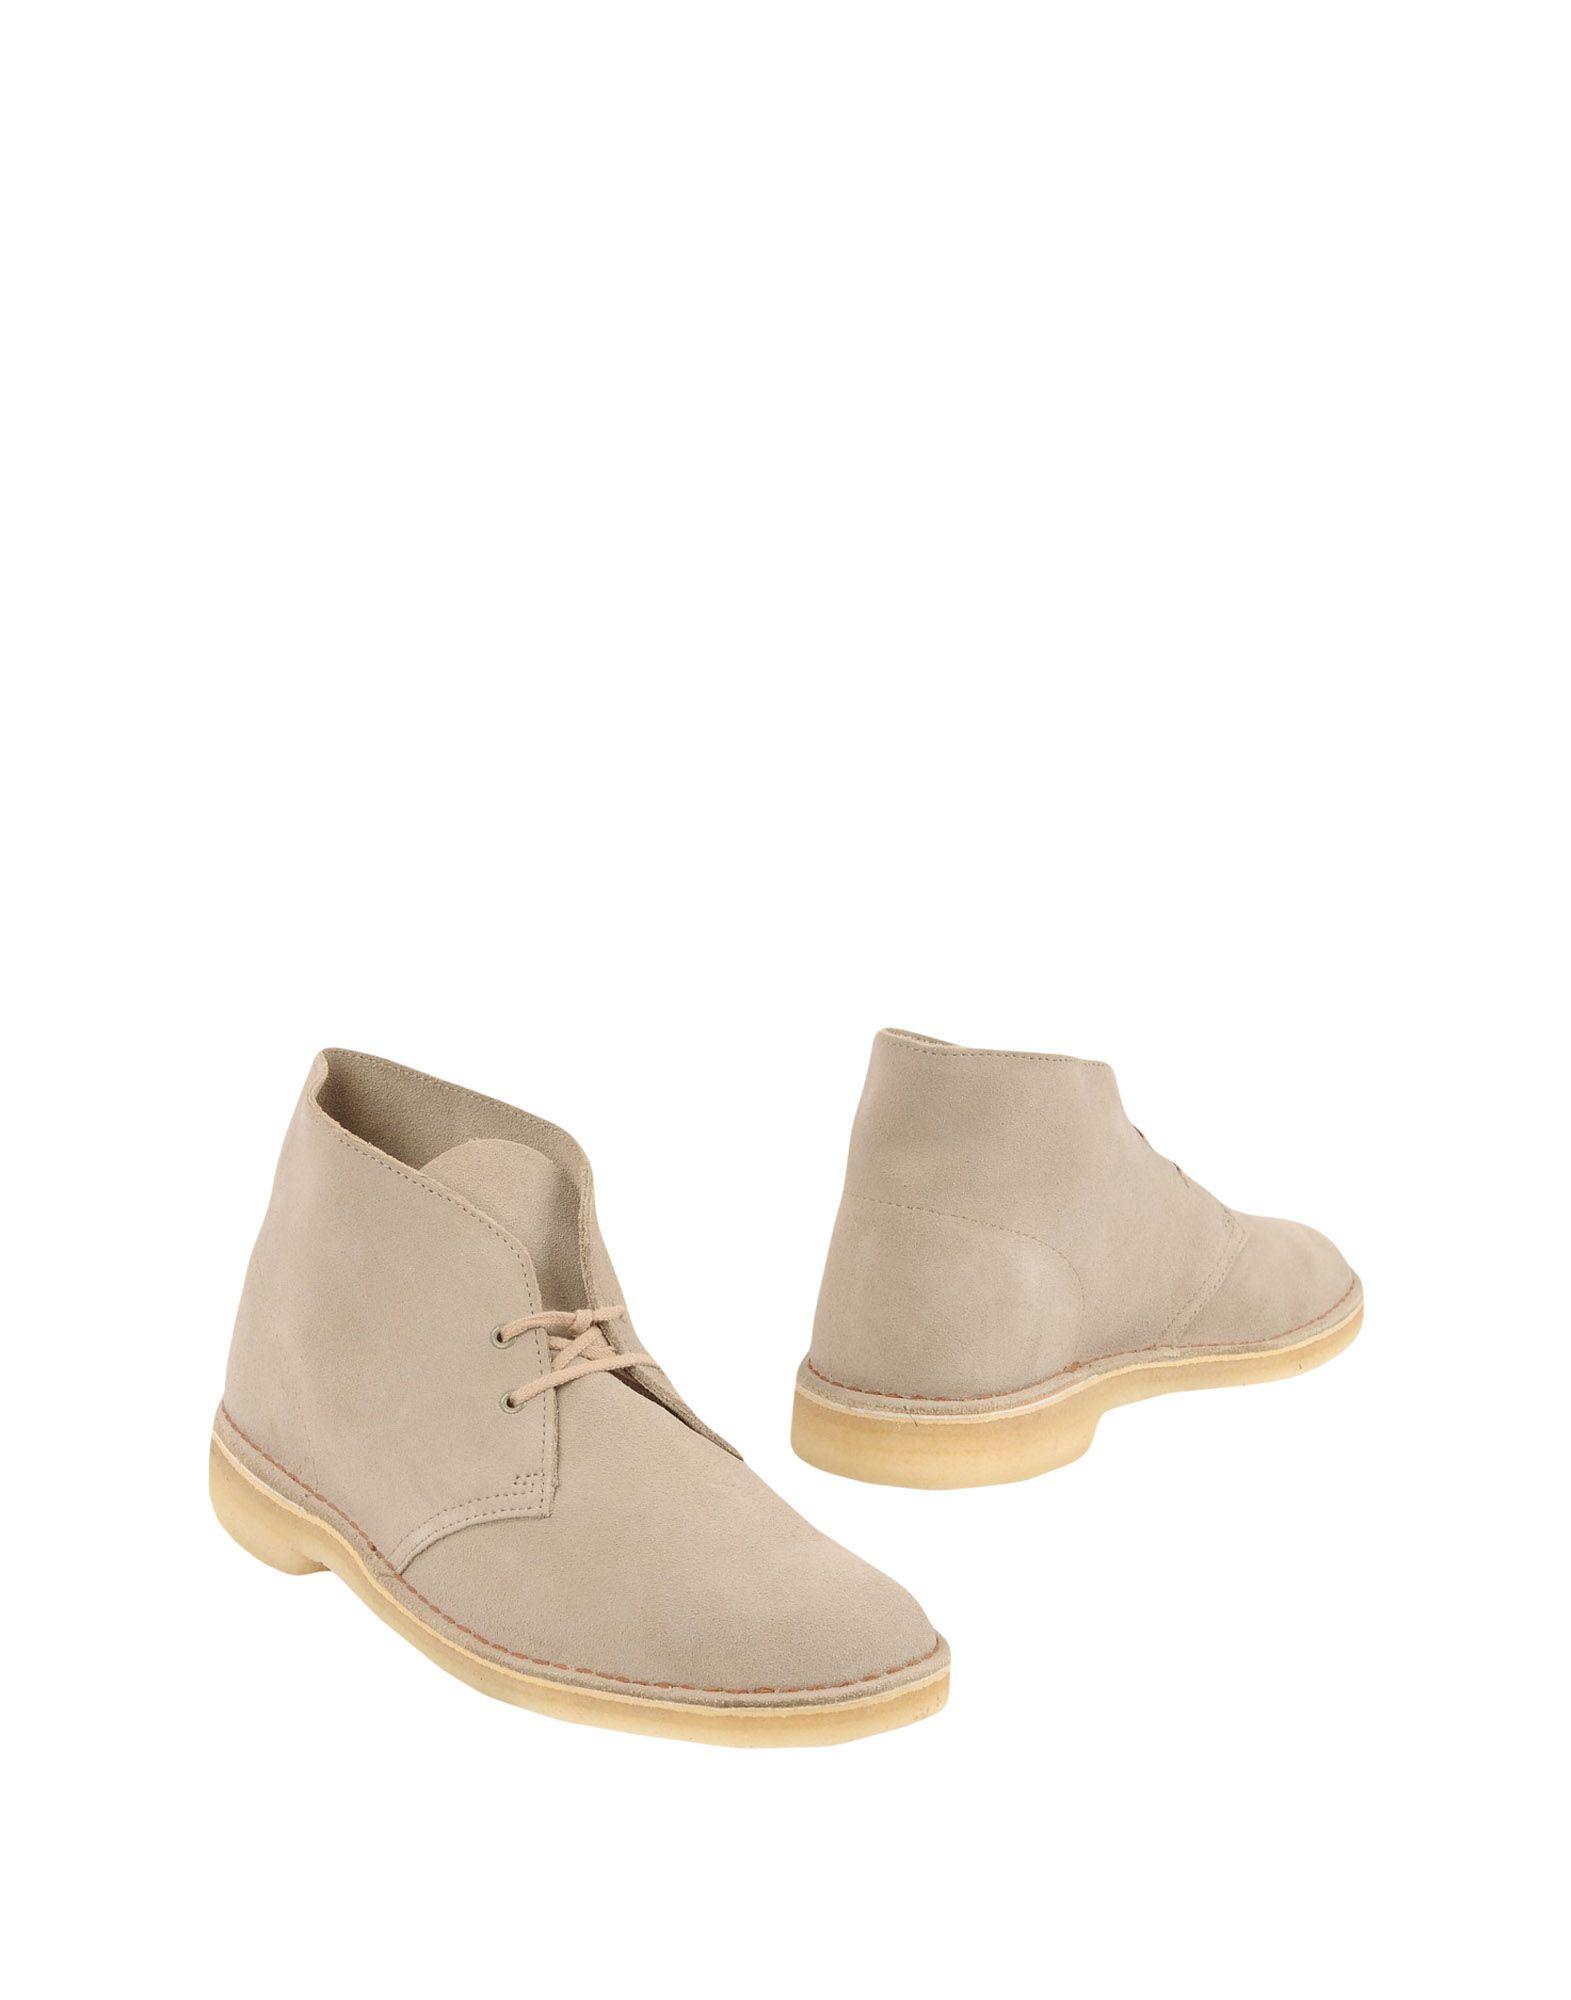 купить CLARKS ORIGINALS Полусапоги и высокие ботинки дешево